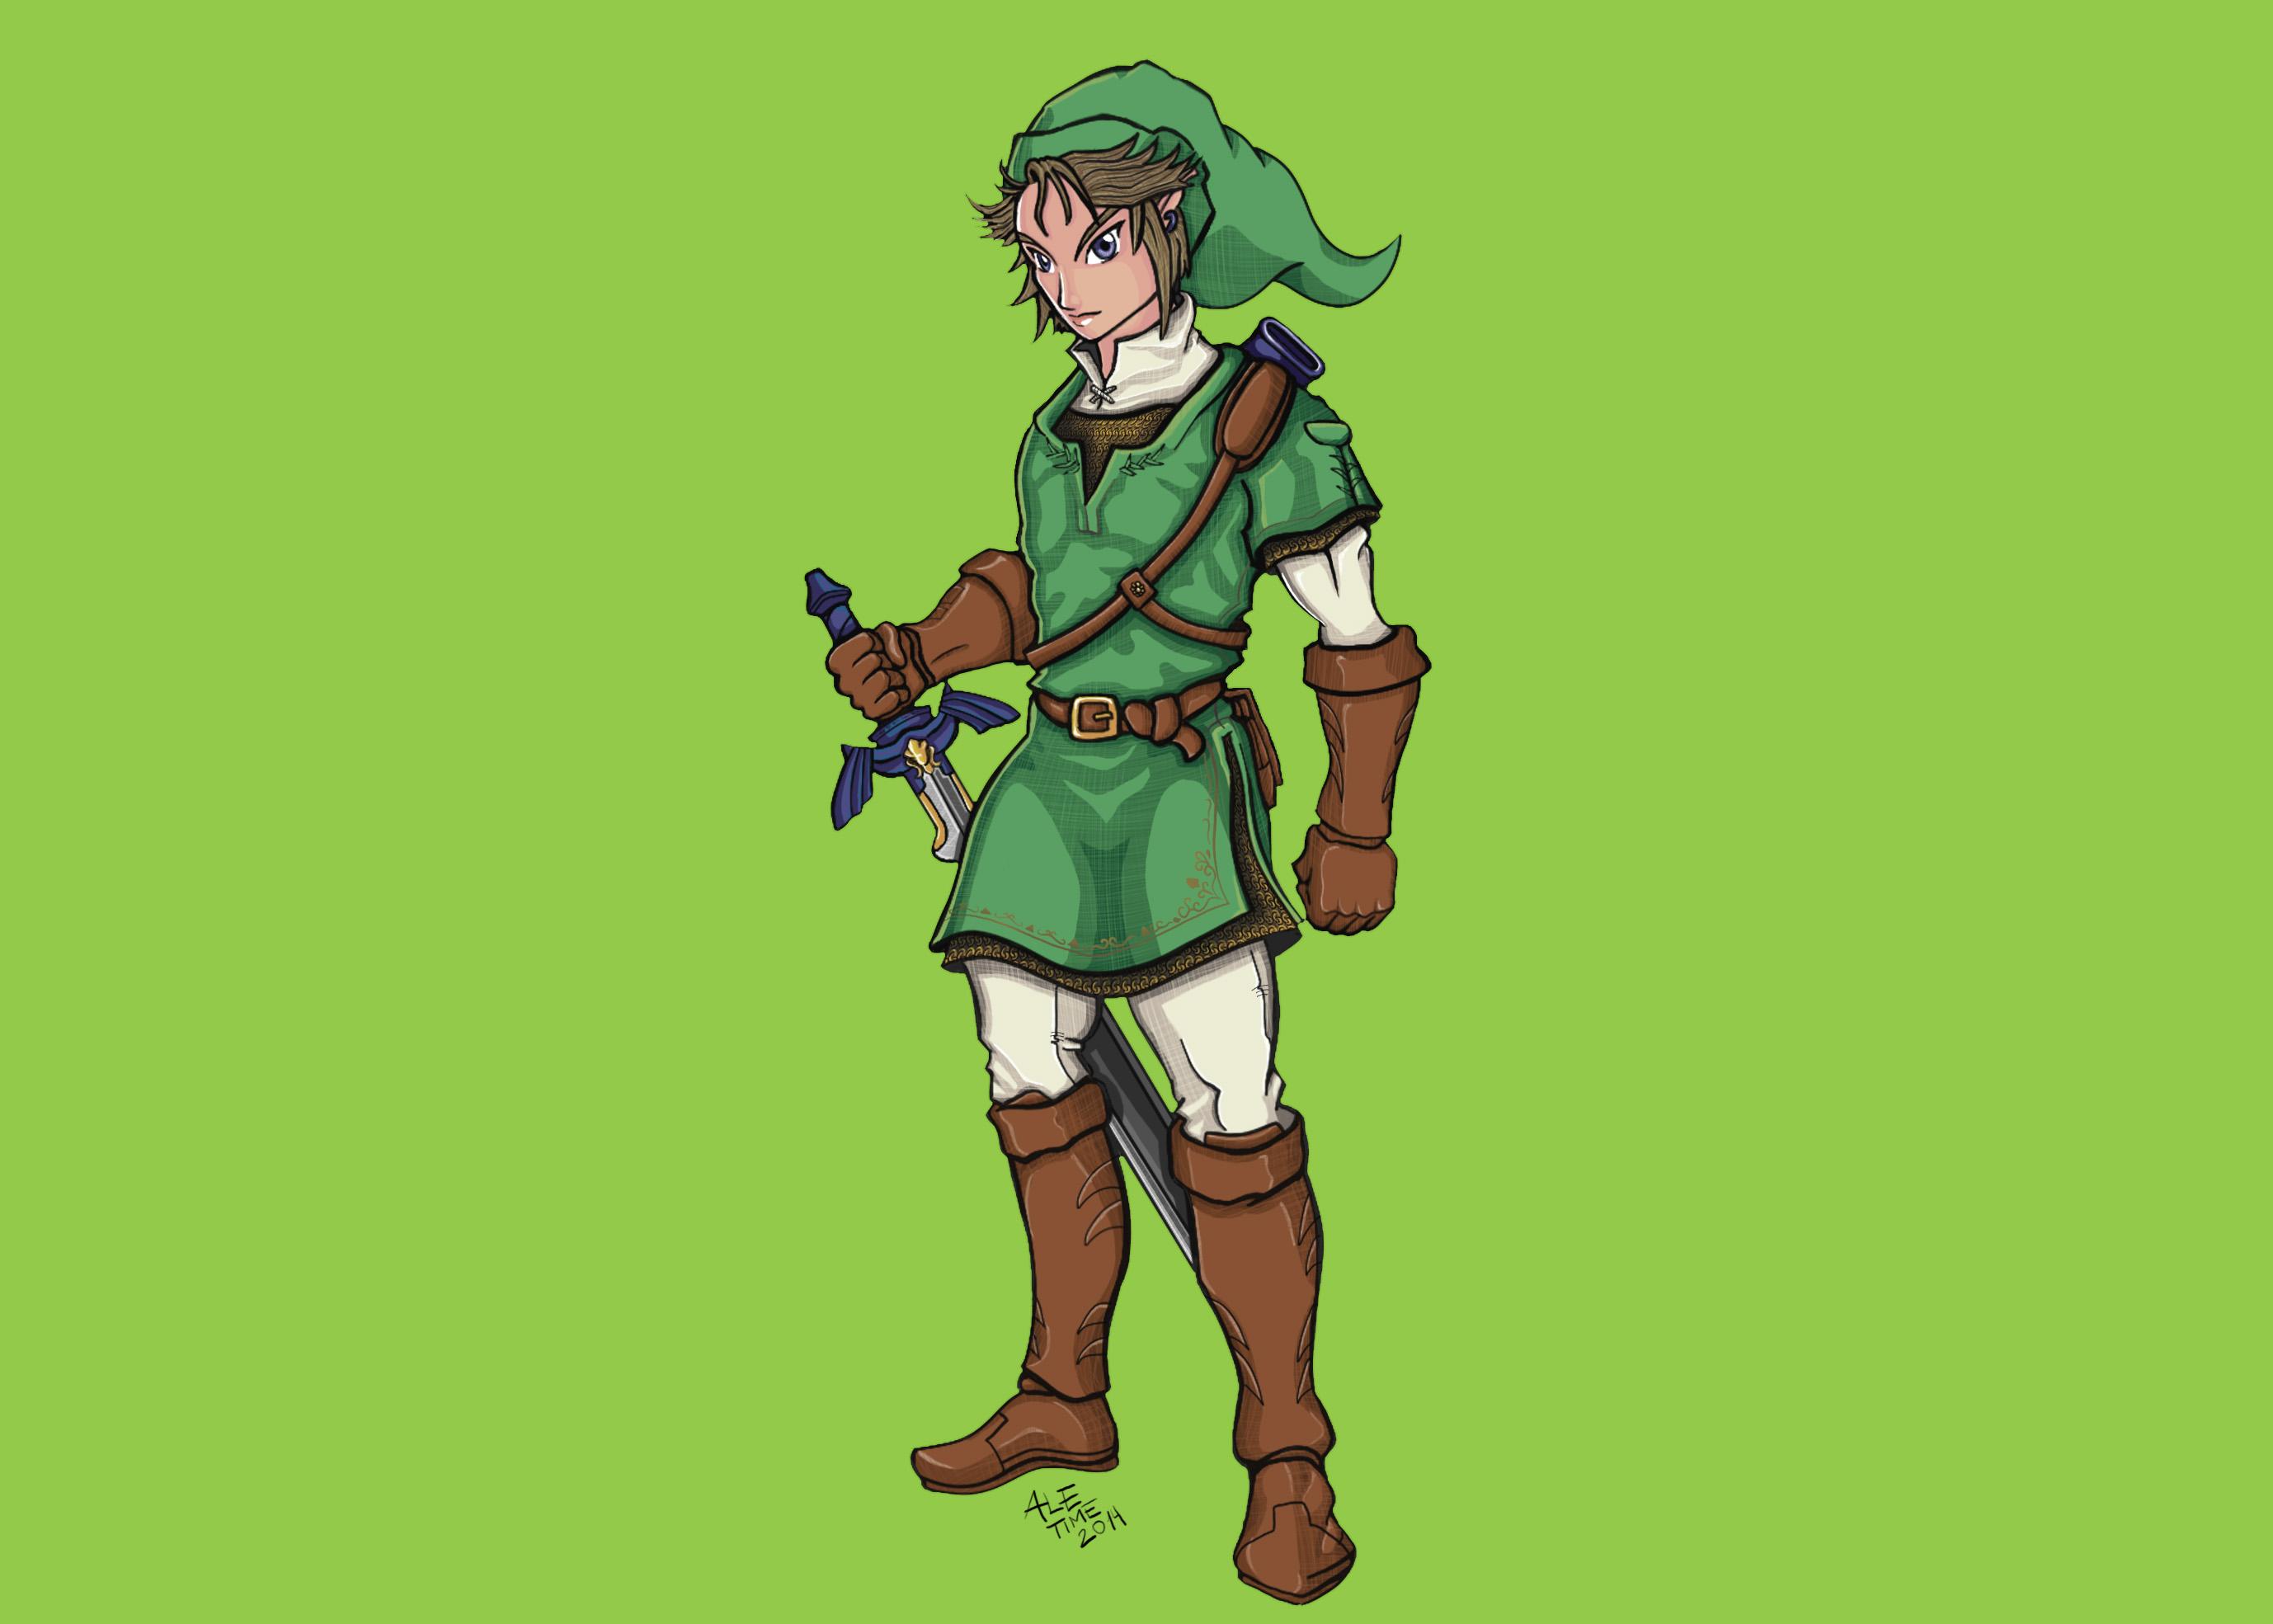 Link of the Legend of Zelda